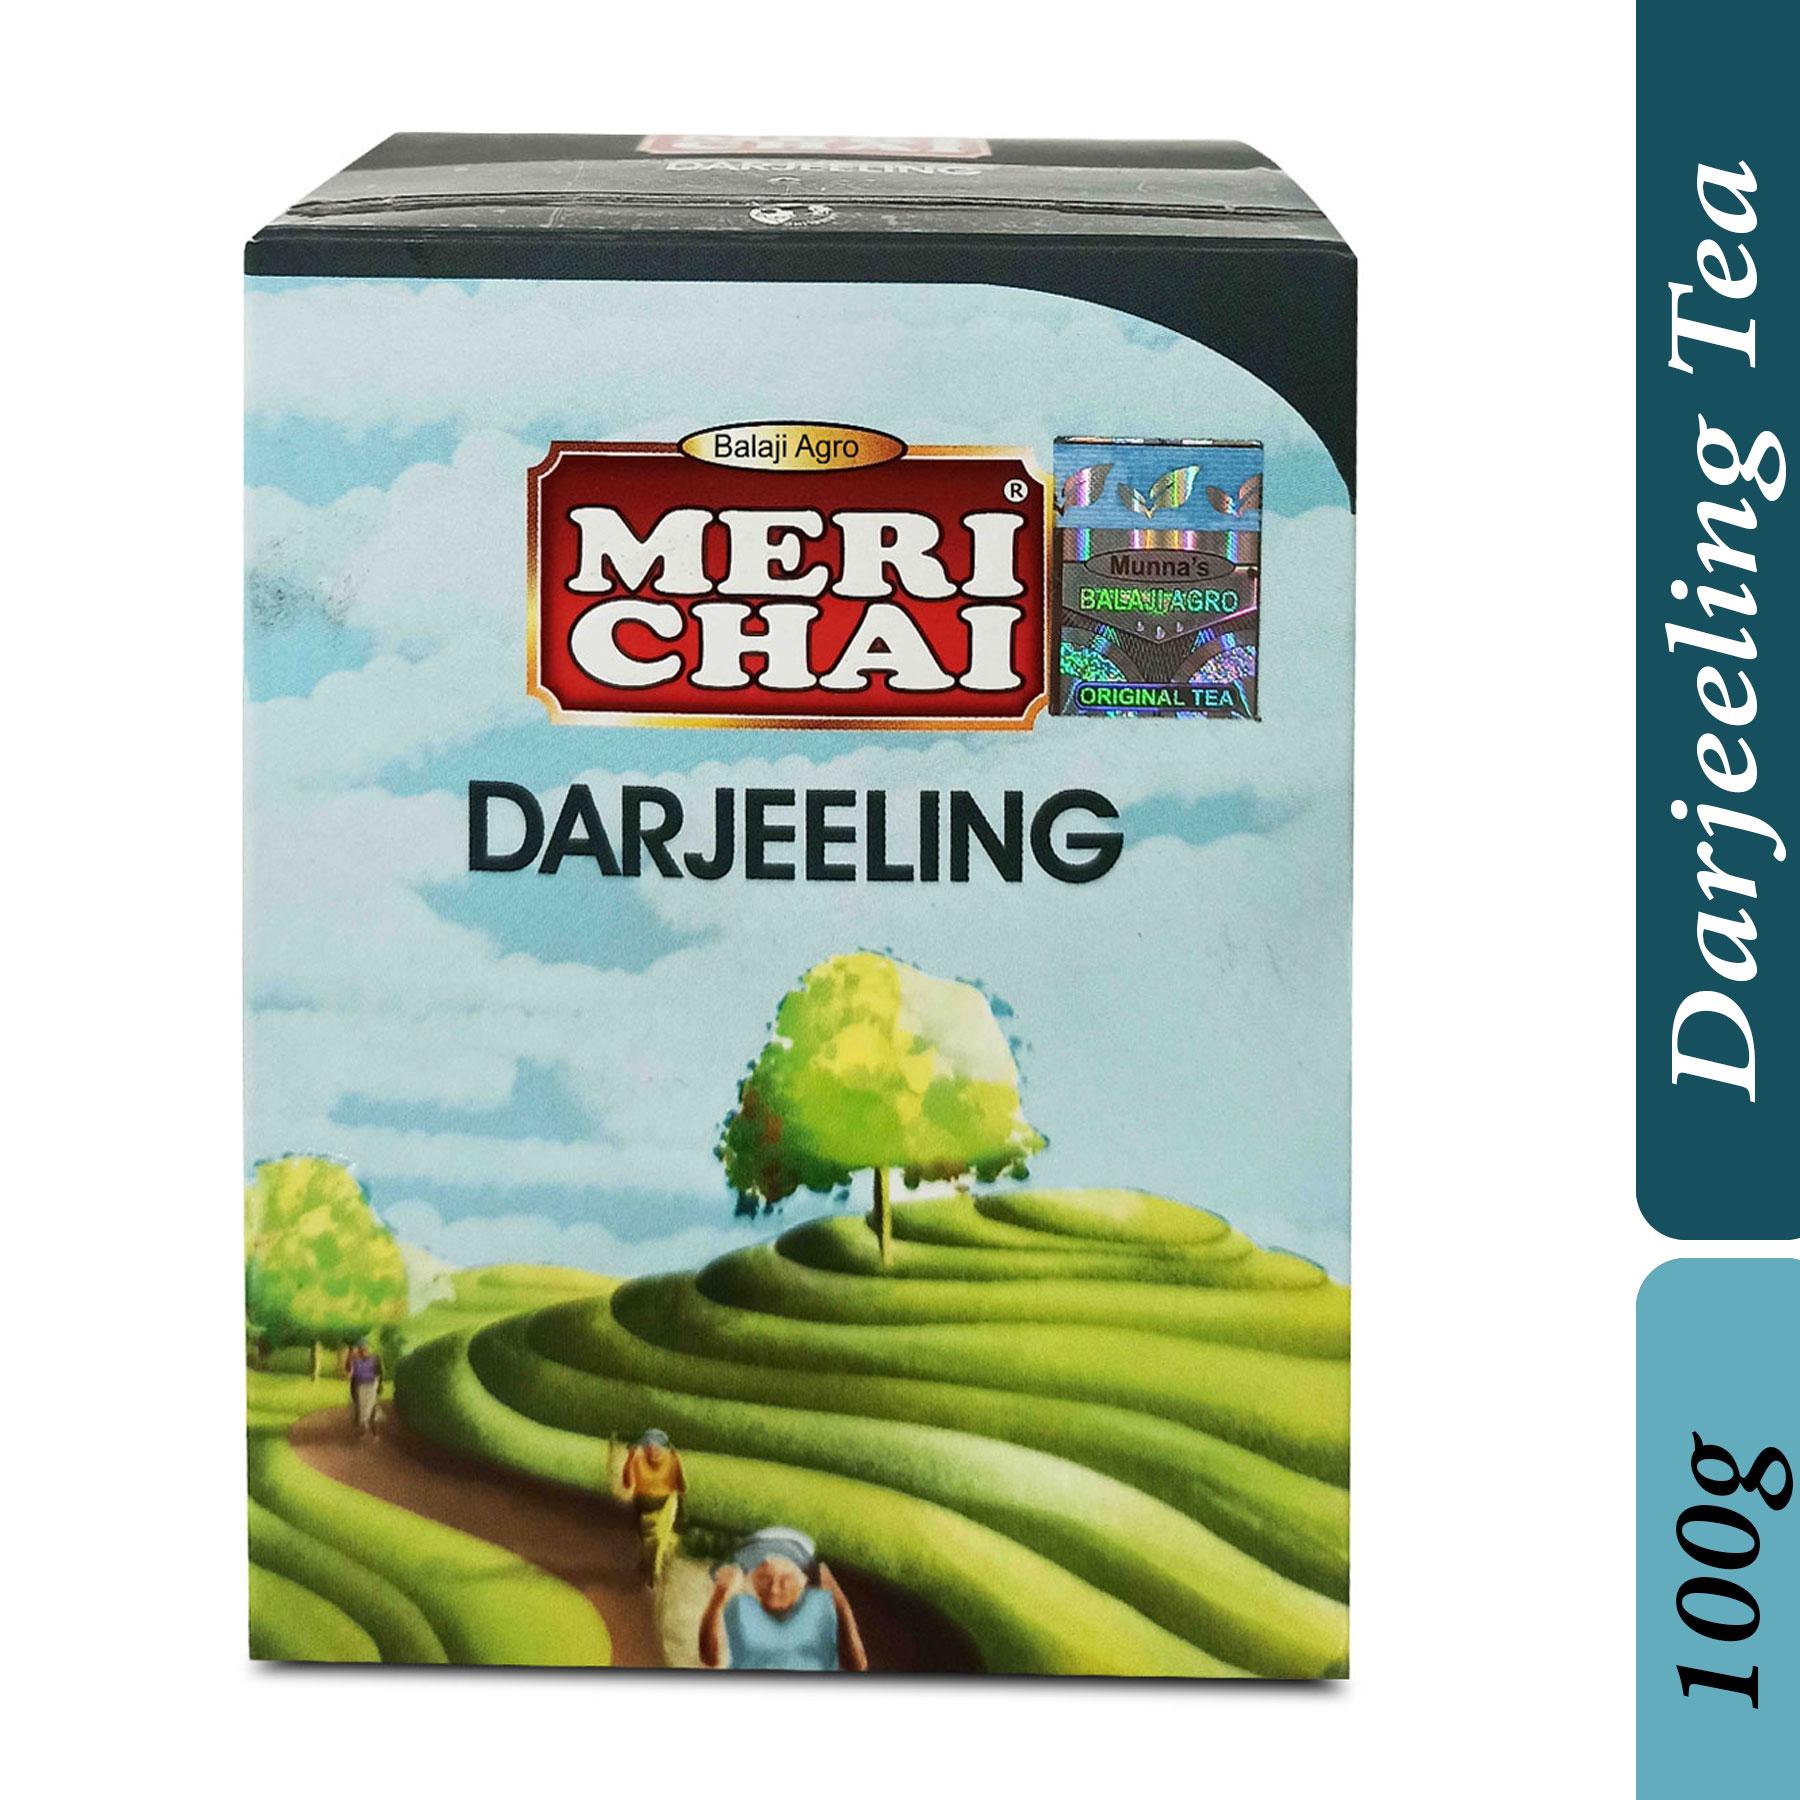 MERI CHAI Darjeeling Tea